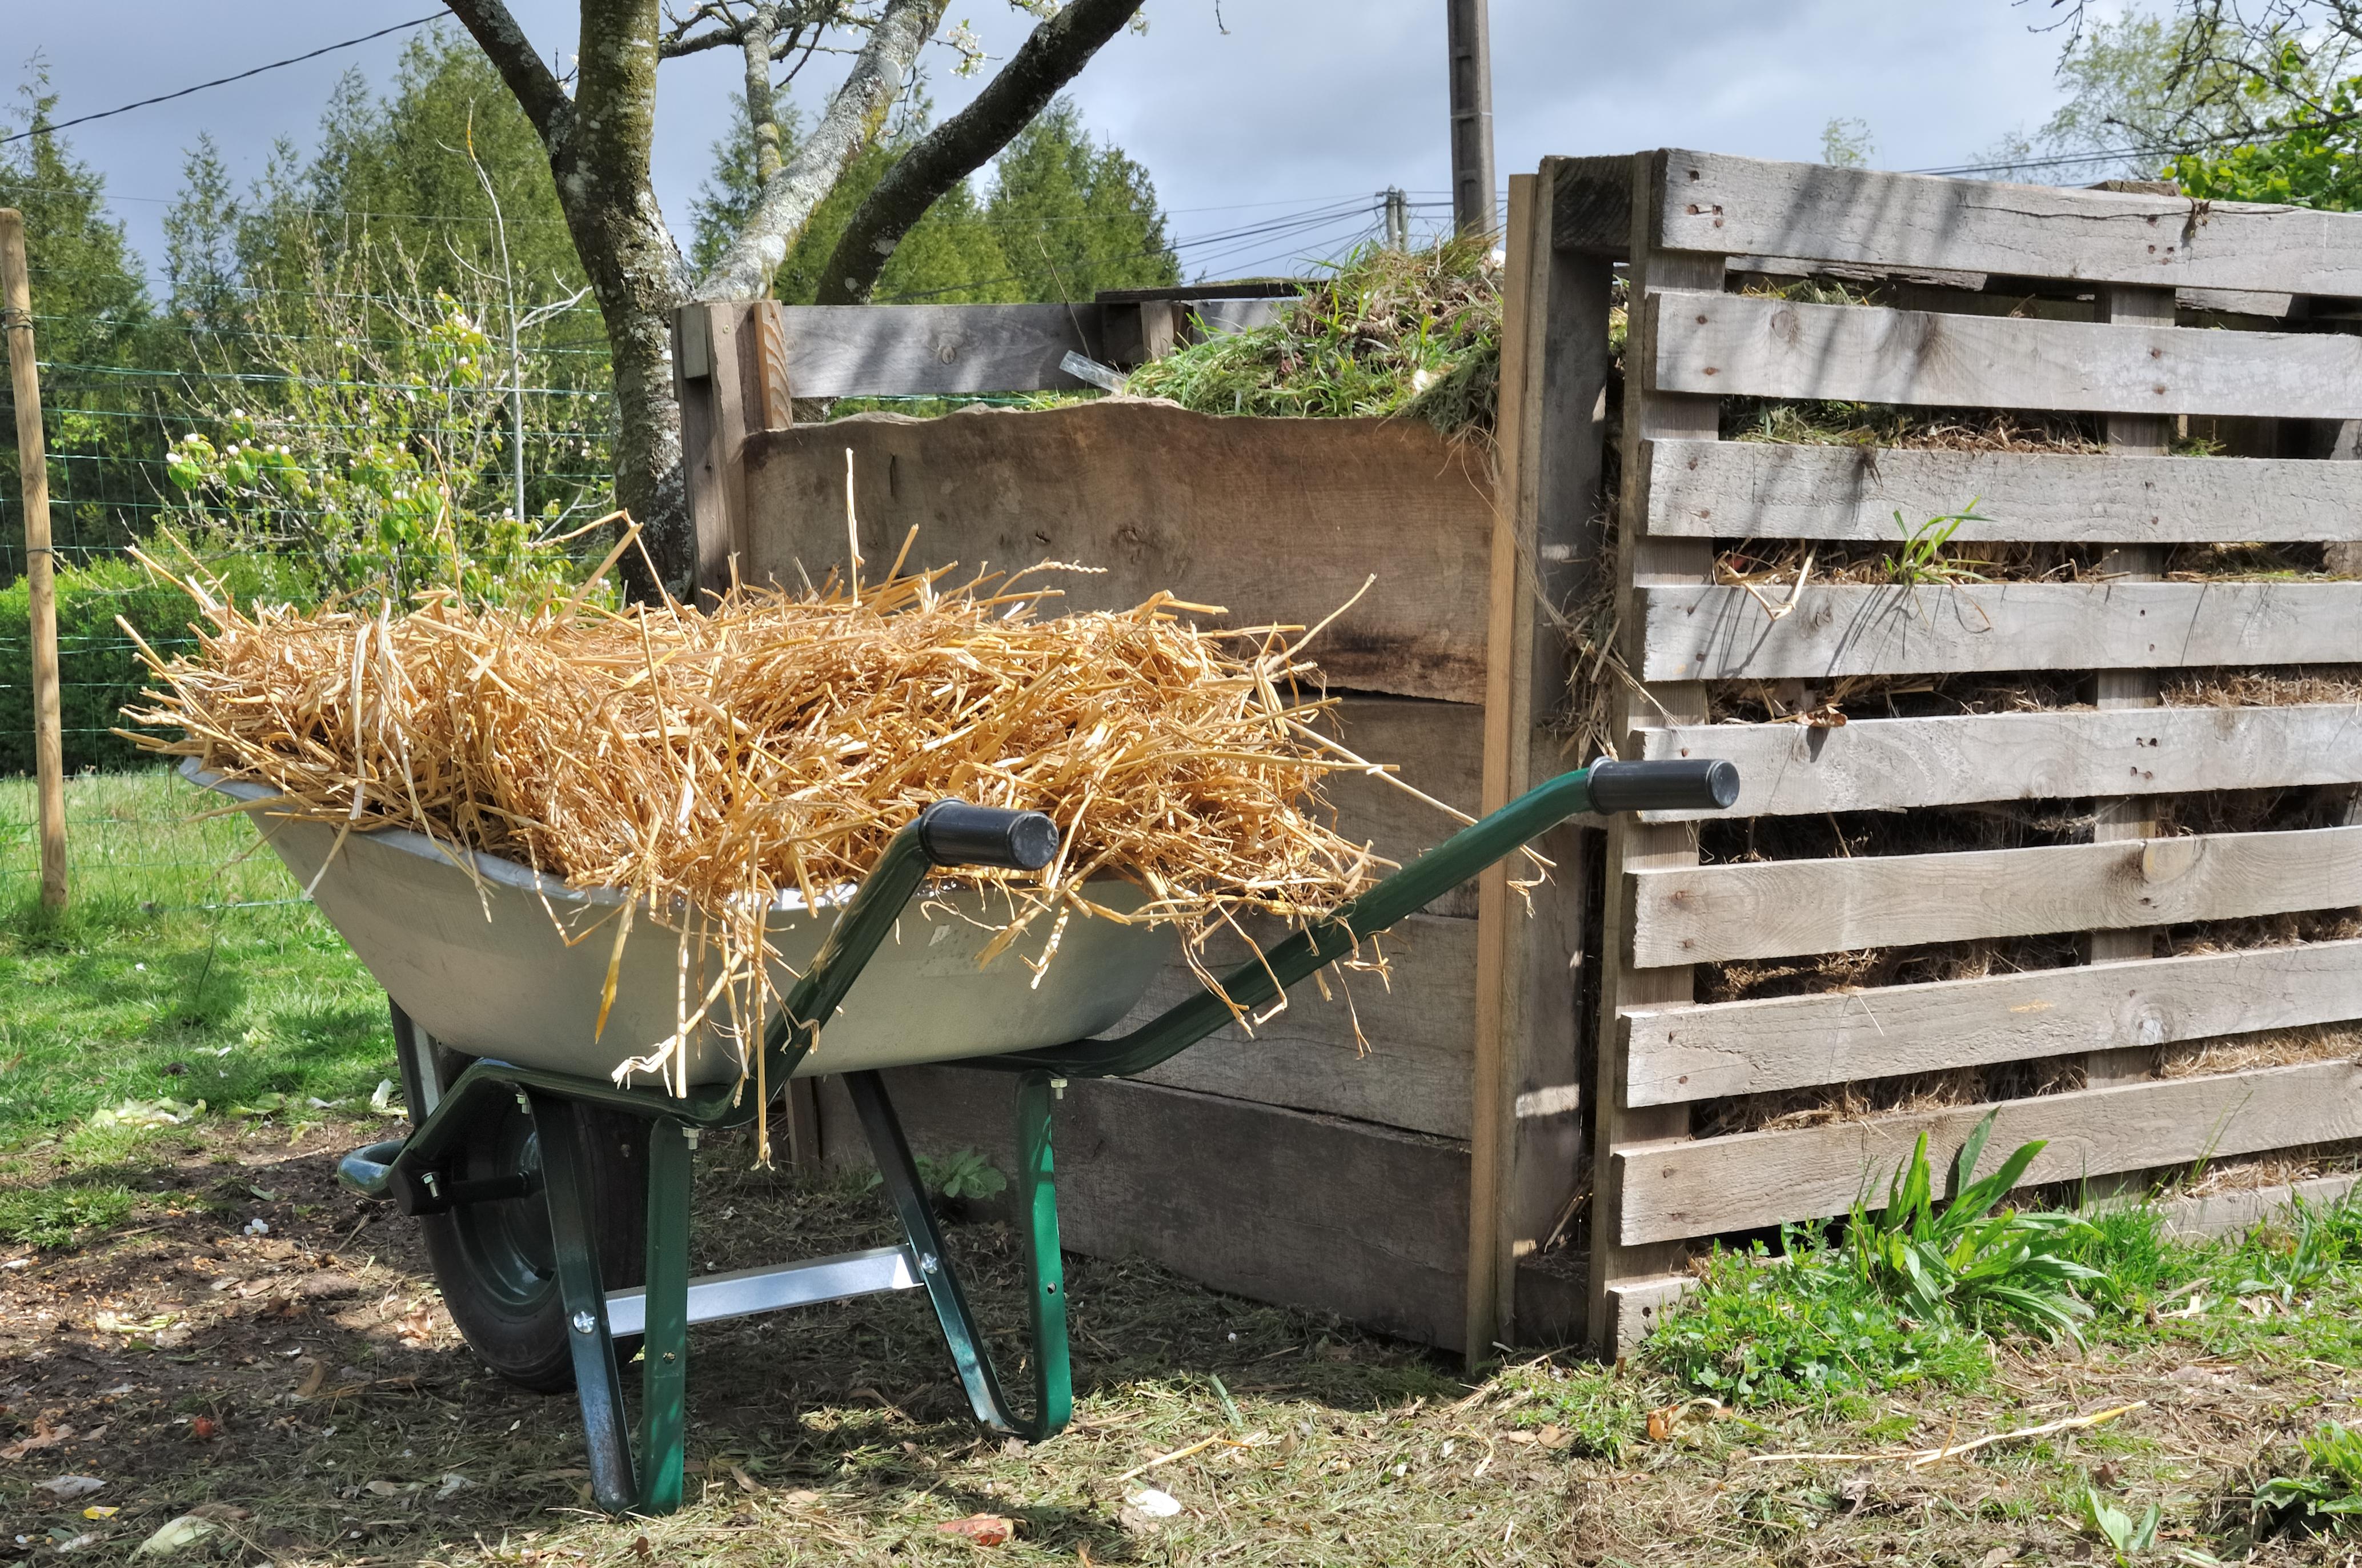 Подготовка компоста - не менее важное дело для садовода перед закрытием дачного сезона